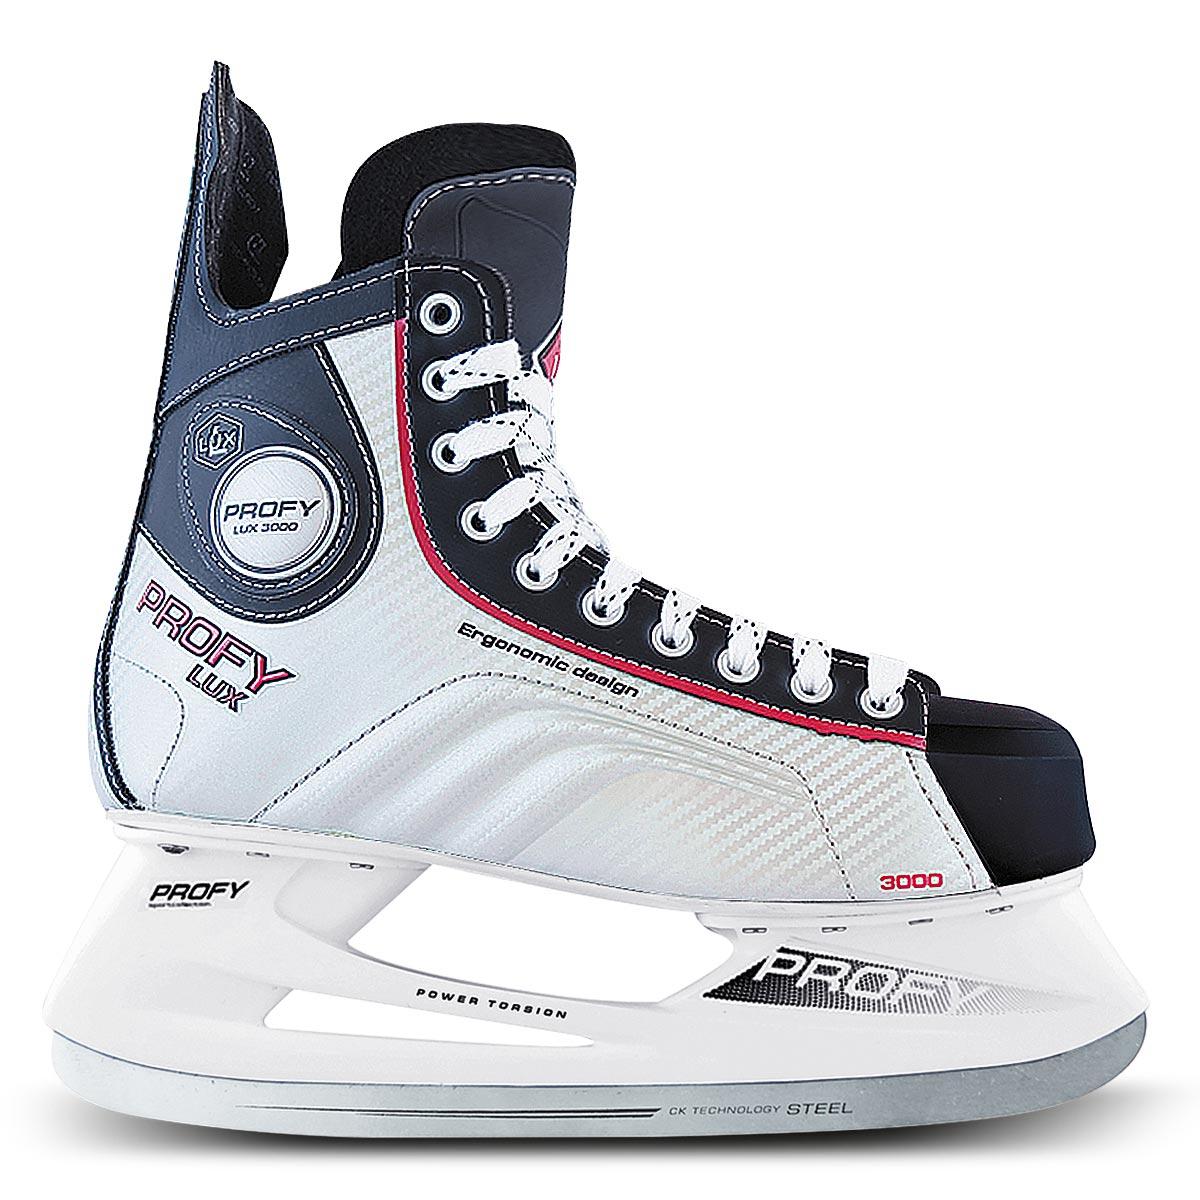 Коньки хоккейные мужские СК Profy Lux 3000, цвет: черный, серебряный, красный. Размер 43 PROFY LUX 3000 Red_43